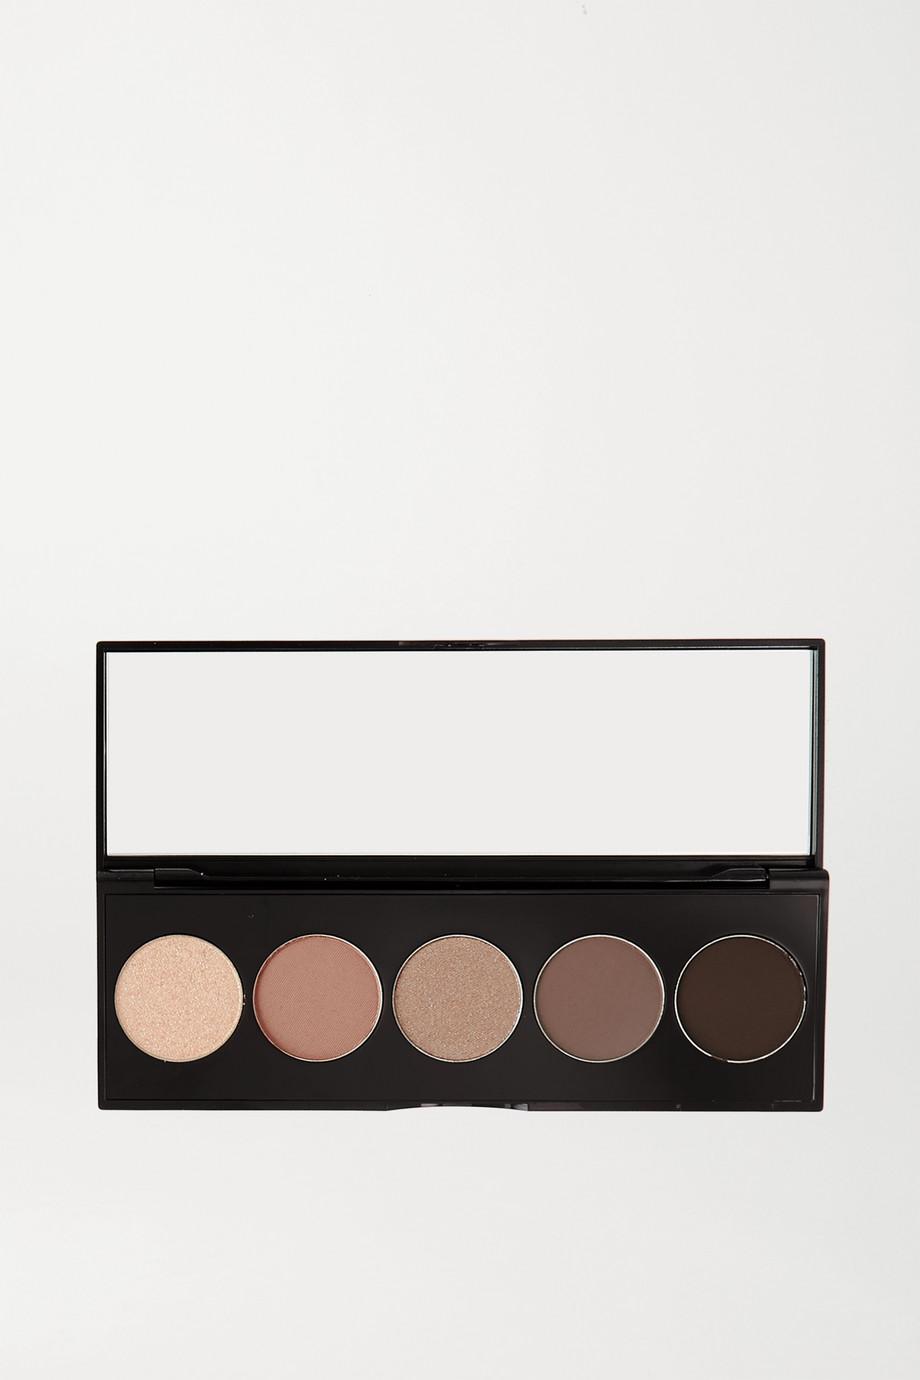 Bobbi Brown Nudes Eyeshadow Palette - Stonewashed